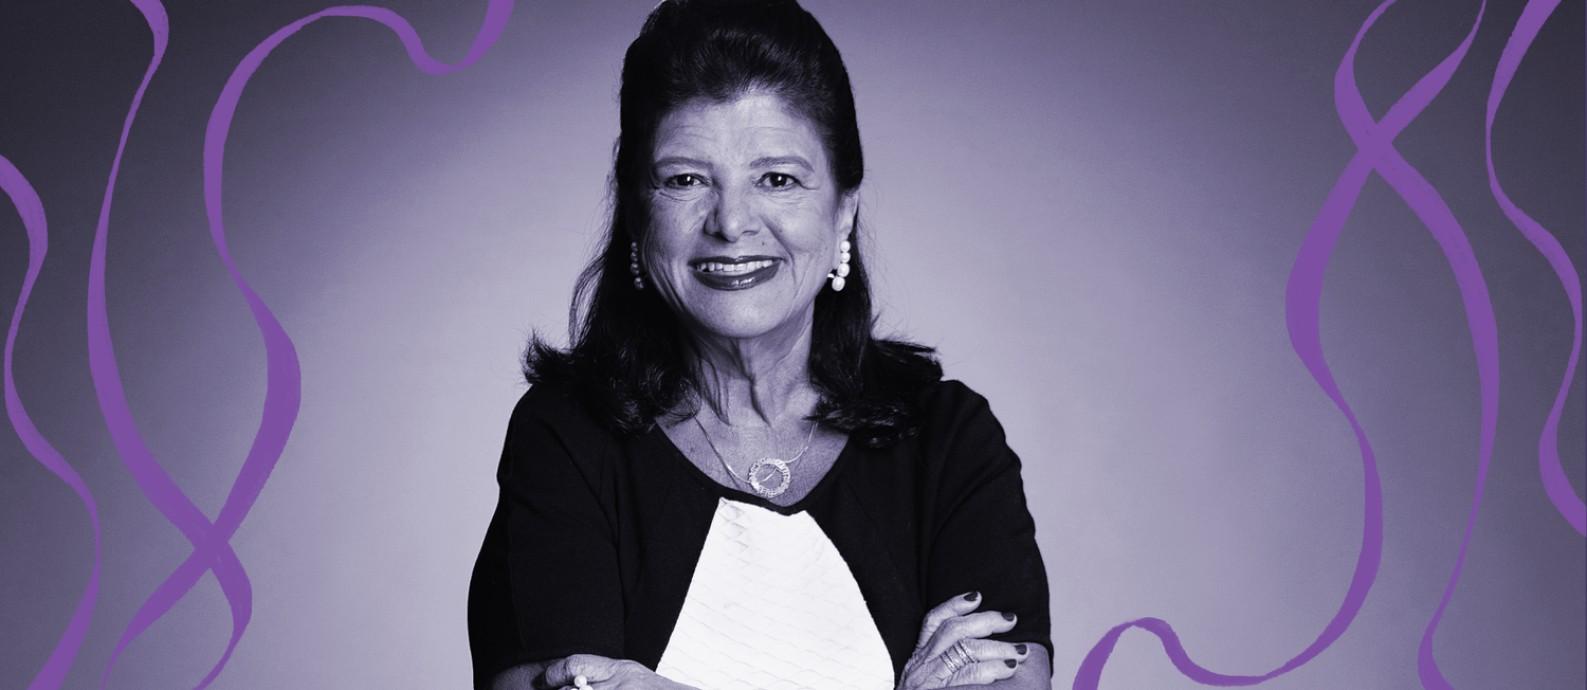 Empresária é uma das principais vozes na defesa da igualdade de gênero no empresariado brasileiro Foto: Divulgação